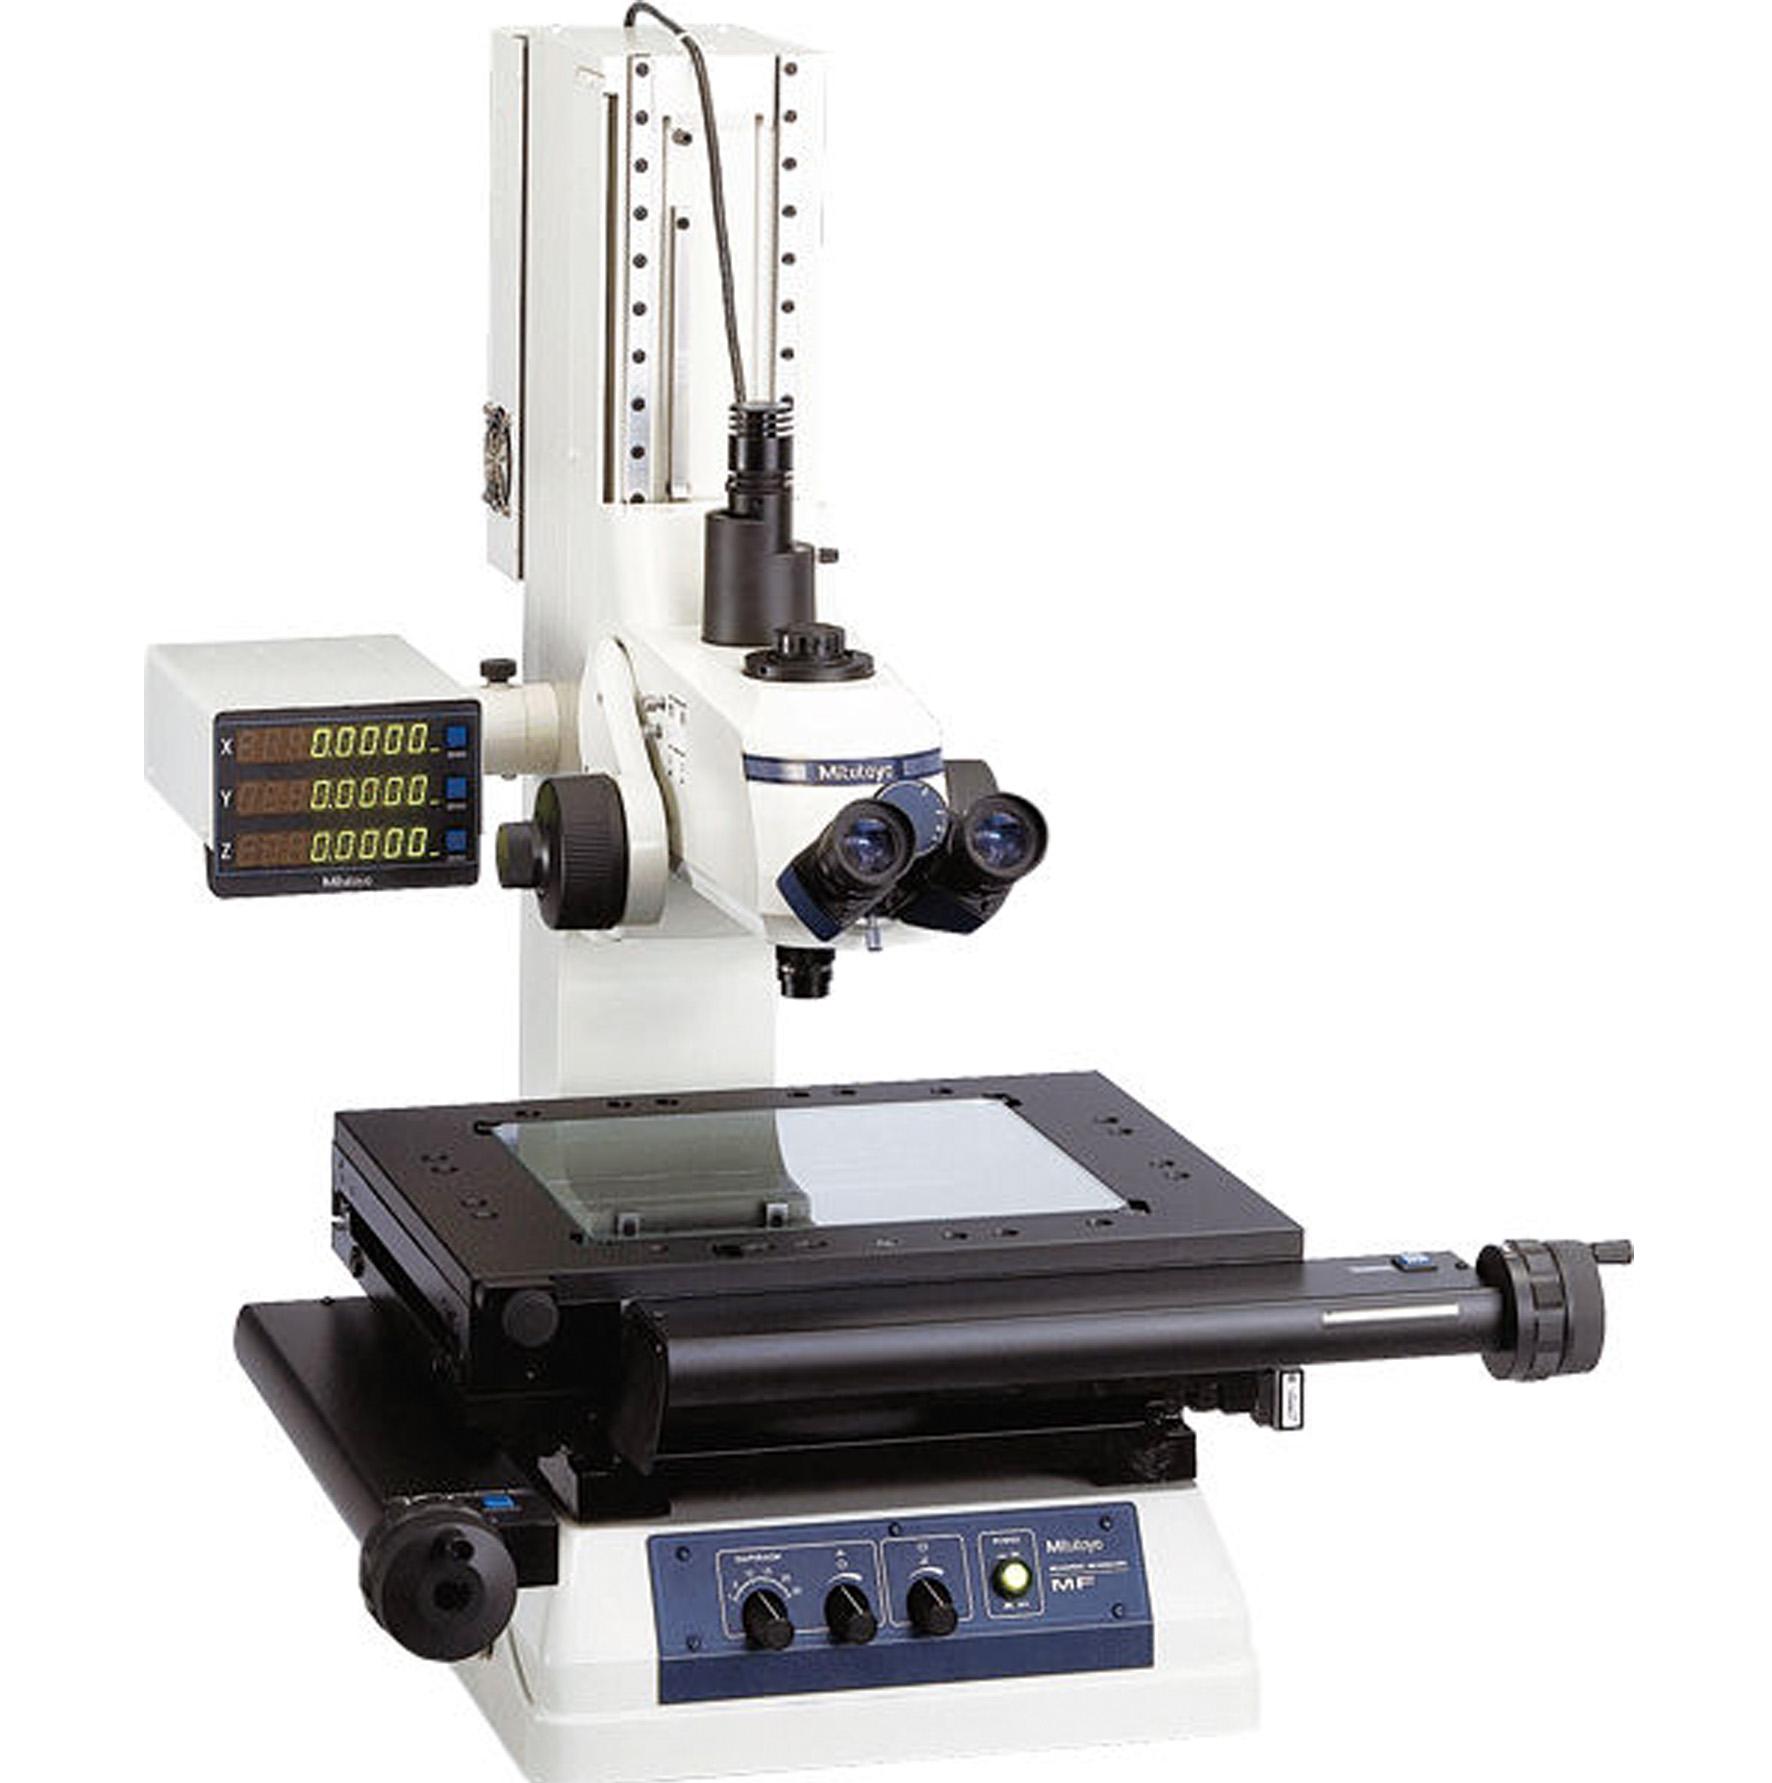 Microscopio de Medición MF (MF-A1010D, MF-A2010D, MF-A2017D, MF-A3017D, MF-A4020